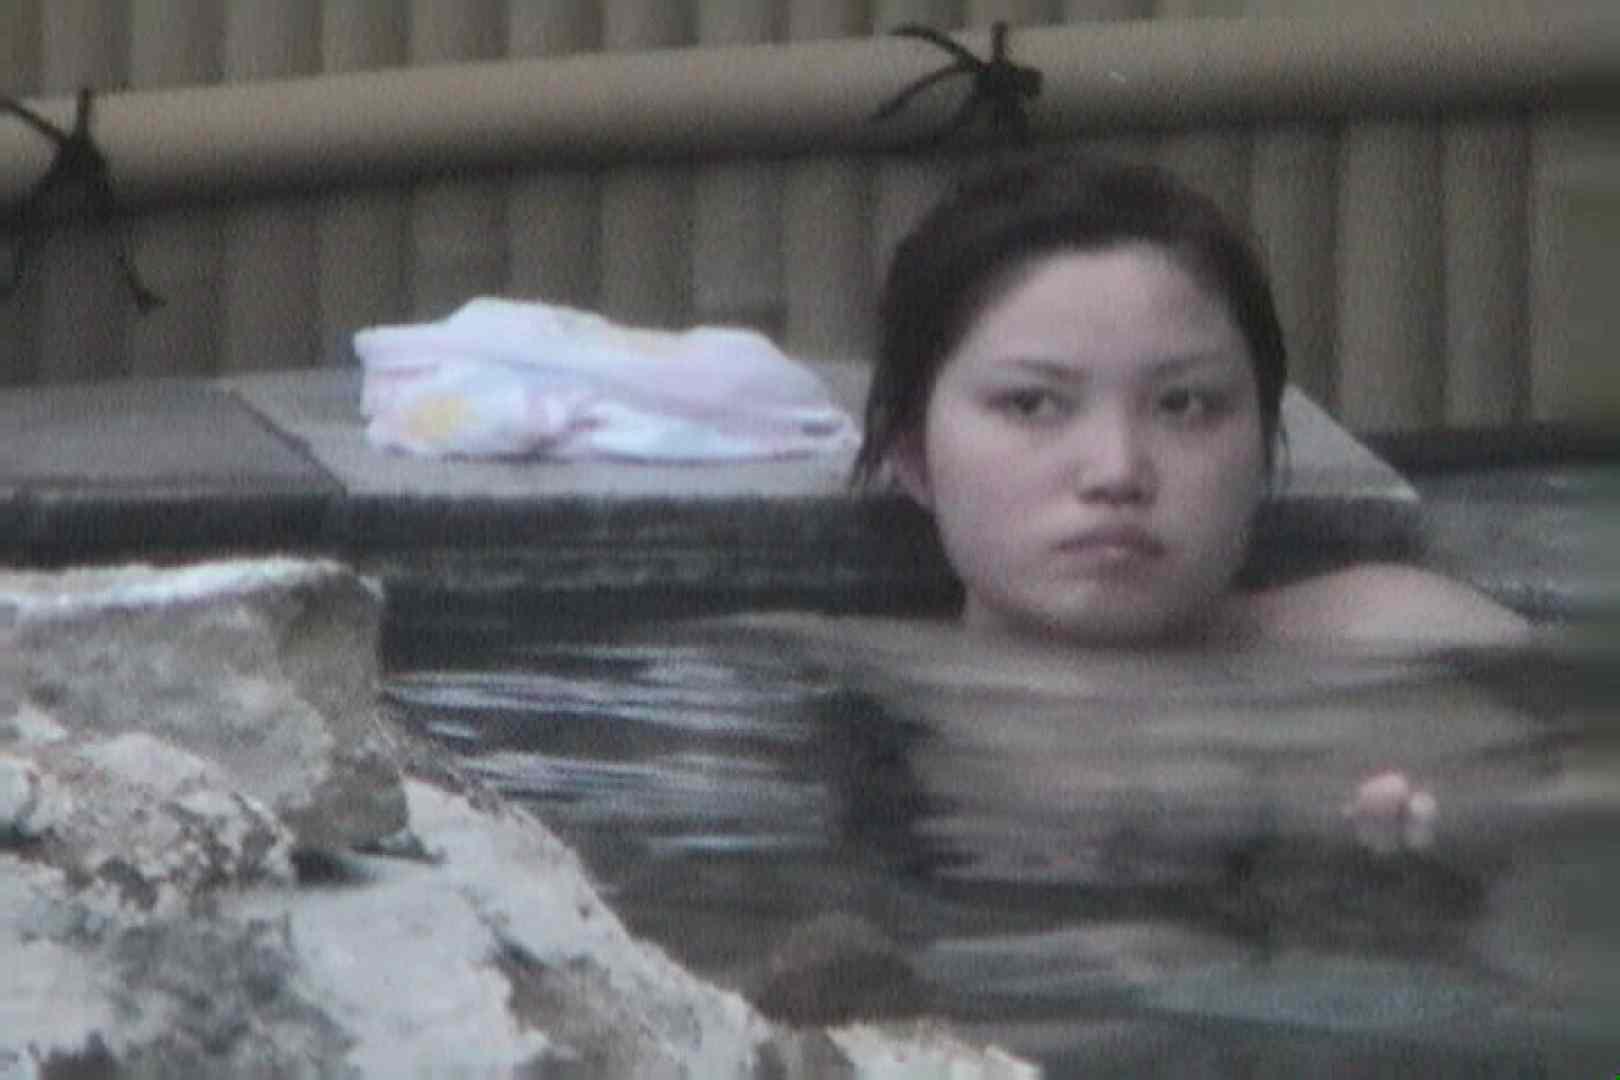 Aquaな露天風呂Vol.602 盗撮師作品 | 美しいOLの裸体  98pic 91